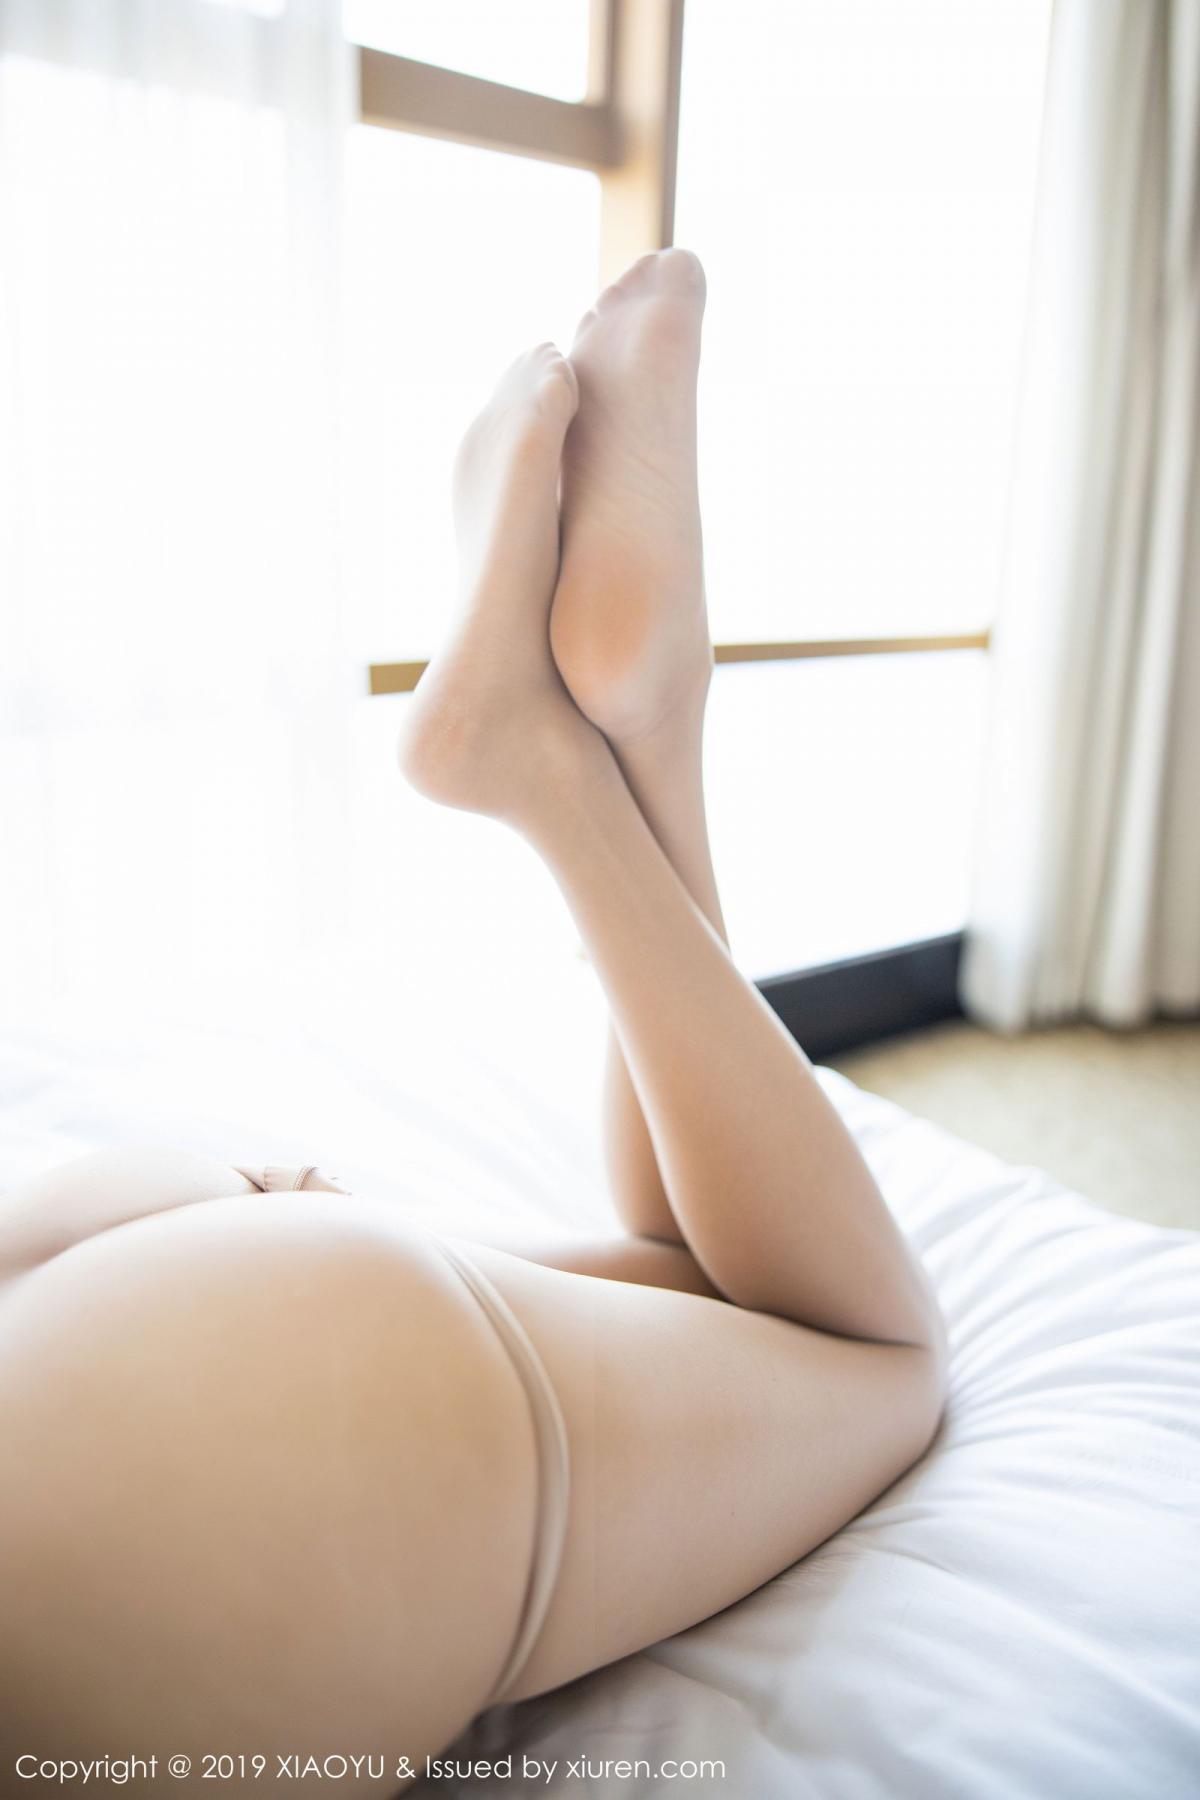 [XiaoYu] Vol.200 Miko Jiang 108P, Miko Jiang, Slim, Tall, Underwear, XiaoYu